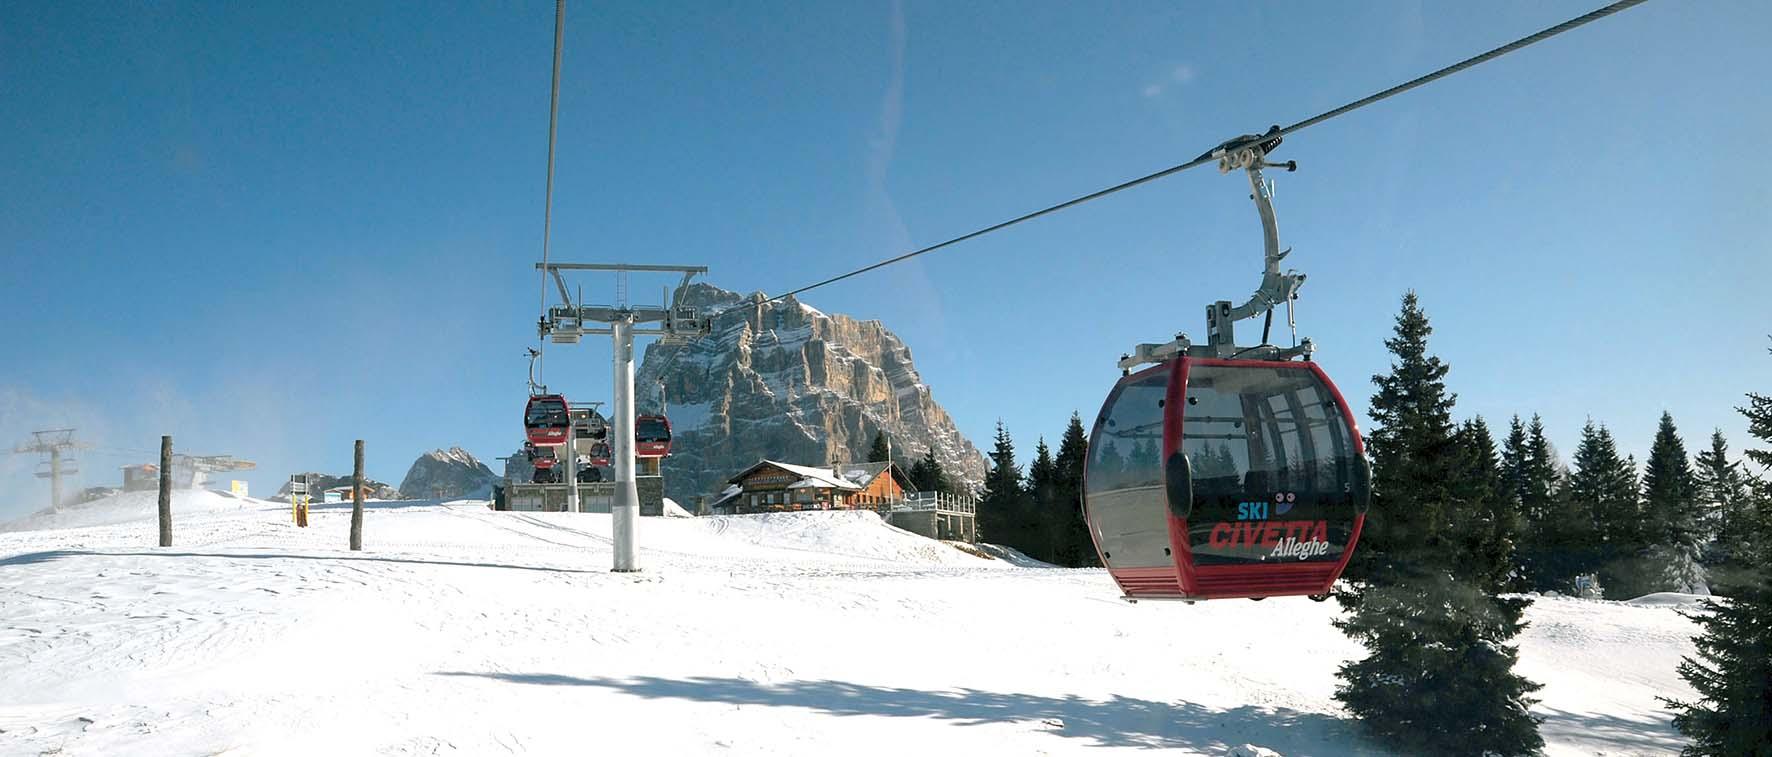 olimpiadi invernali 2026 Funivia Alleghe Vista cabinovia Piani di Pezzè Col dei Baldi FotoRiva